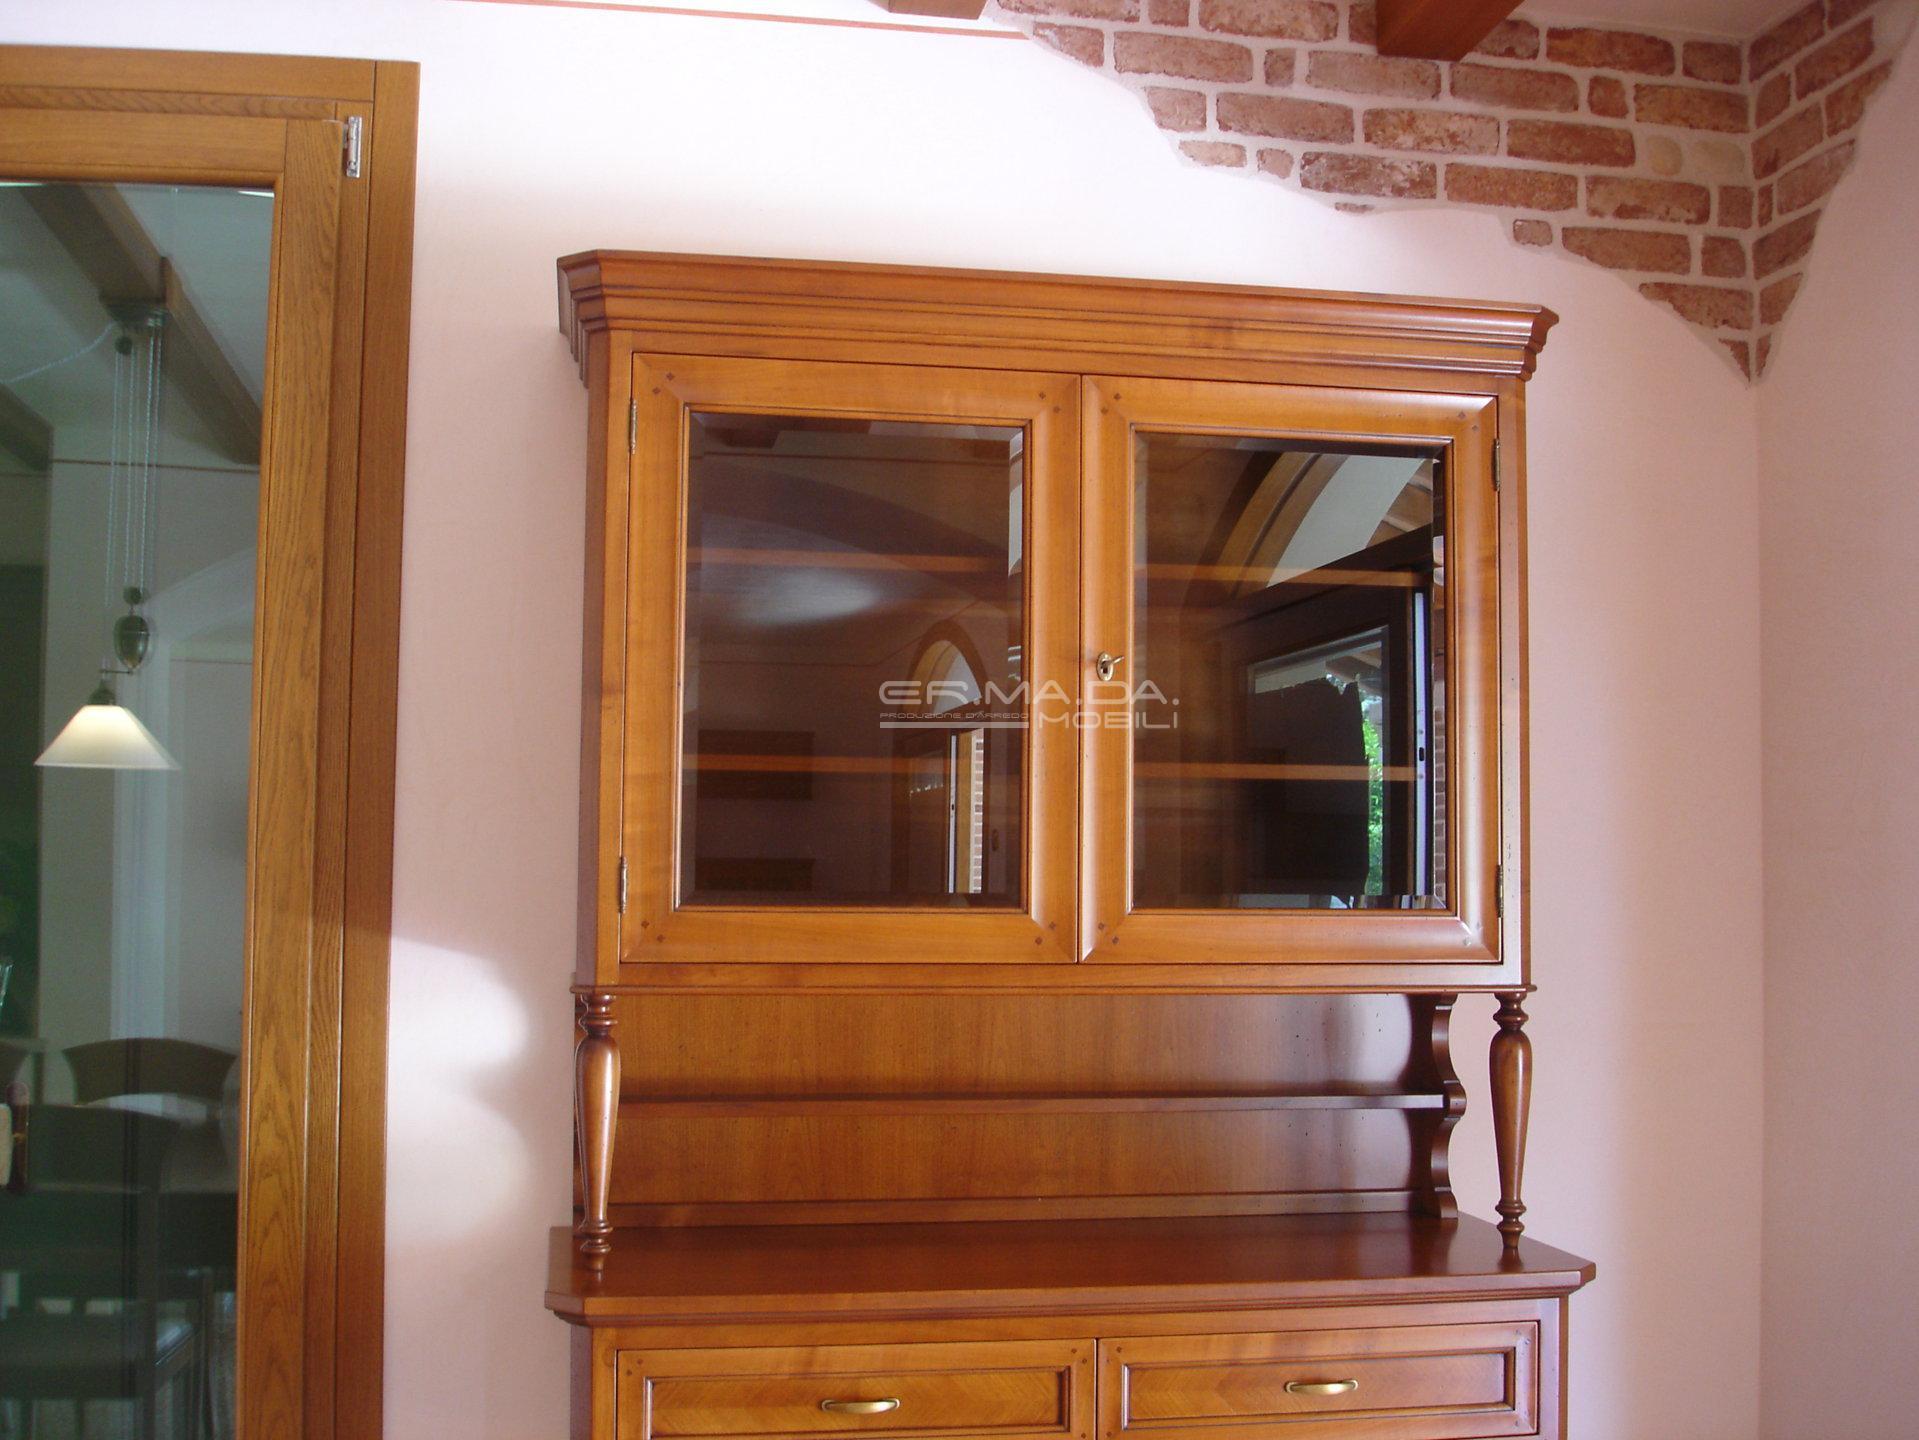 Cucina muratura 4 er ma da mobilificio progetta e for Progetta i tuoi mobili online